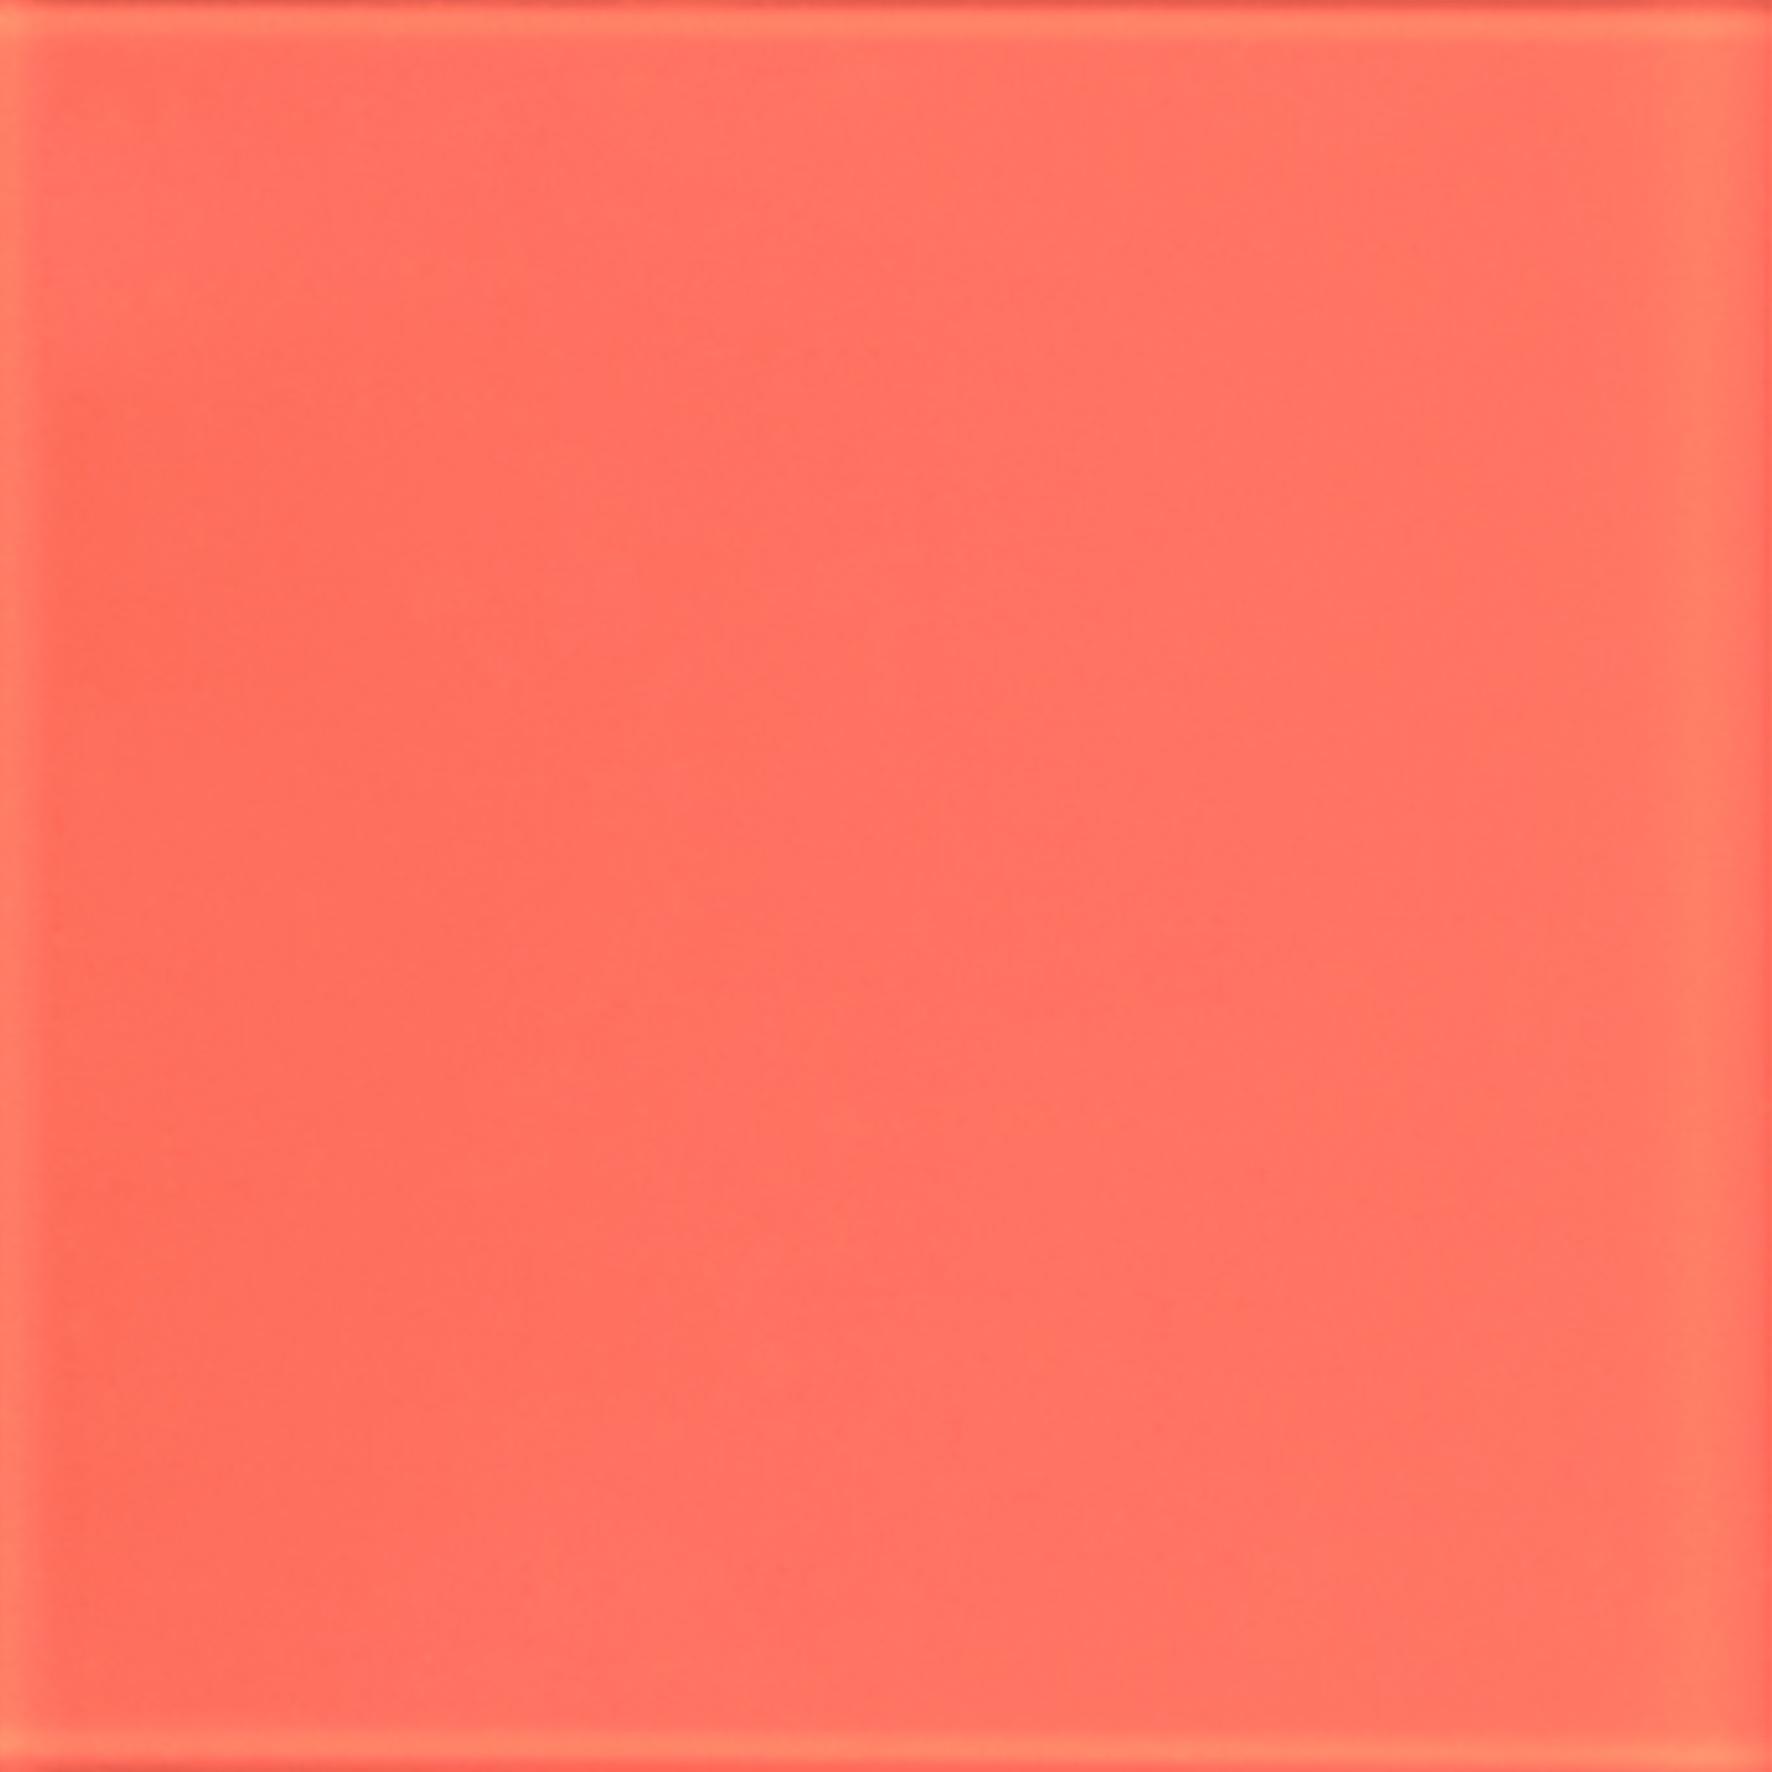 Salmon Coral Color